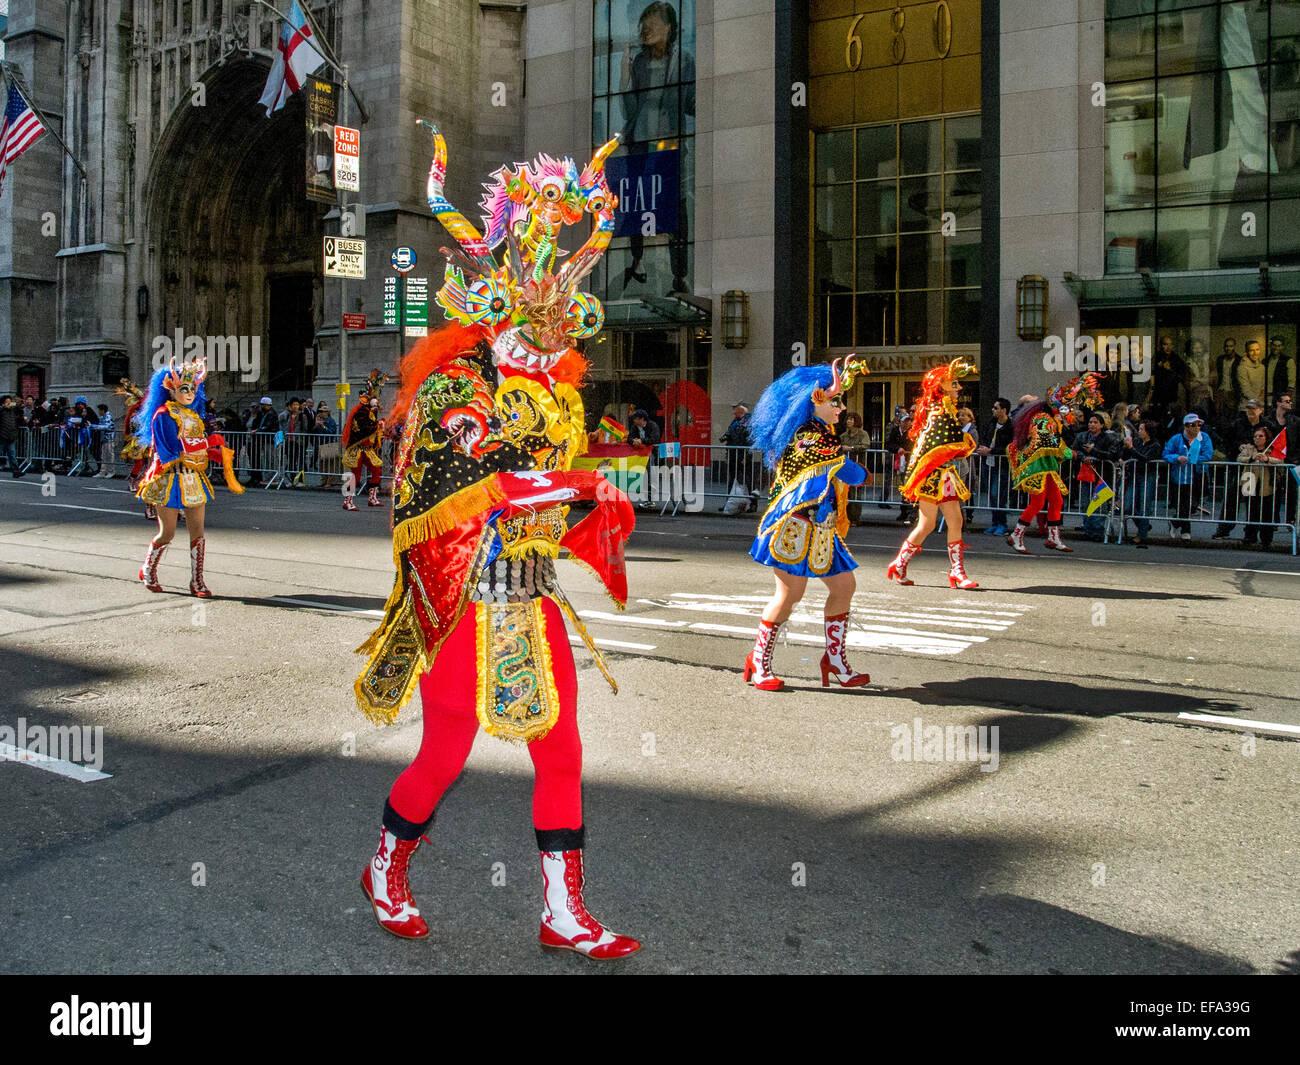 Des marcheurs en costumes ethniques régionaux représentant les cultures espagnoles participer au défilé Photo Stock